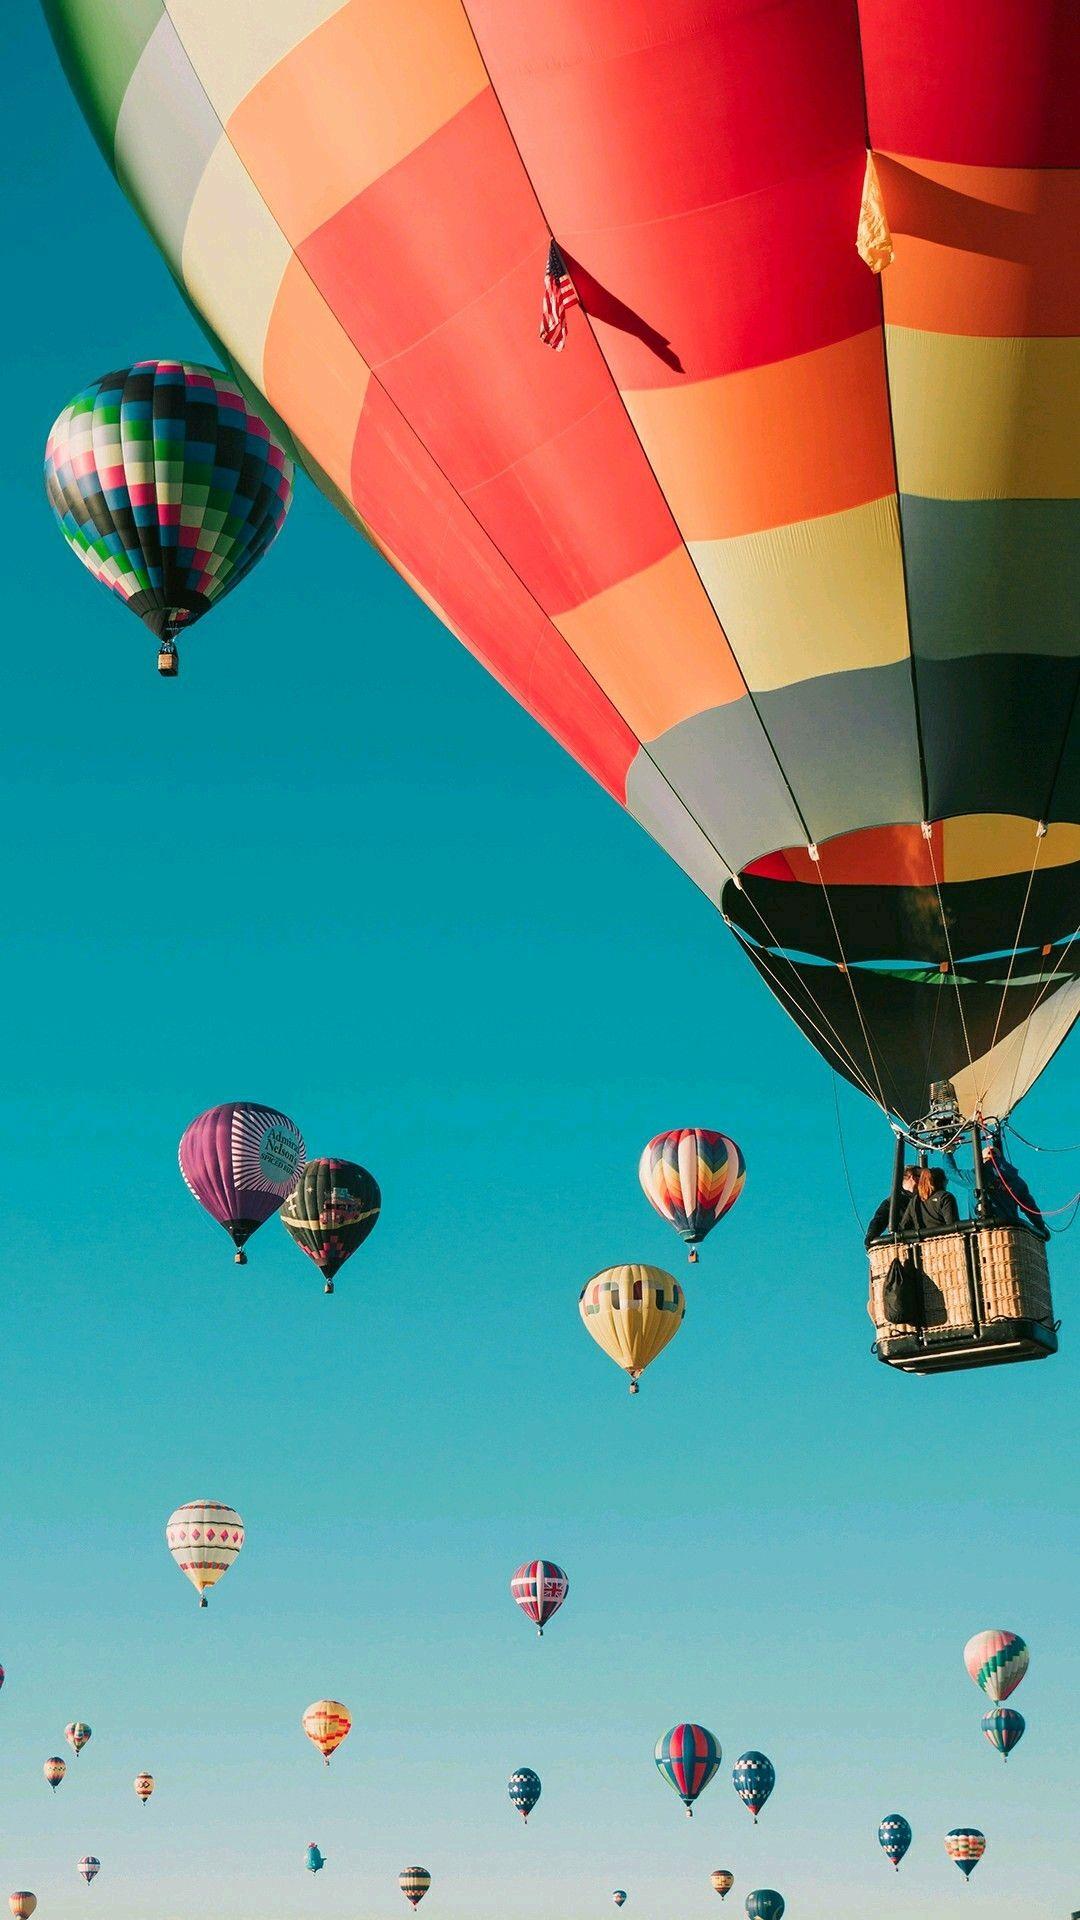 Hot air balloons Air balloon rides, Albuquerque balloon